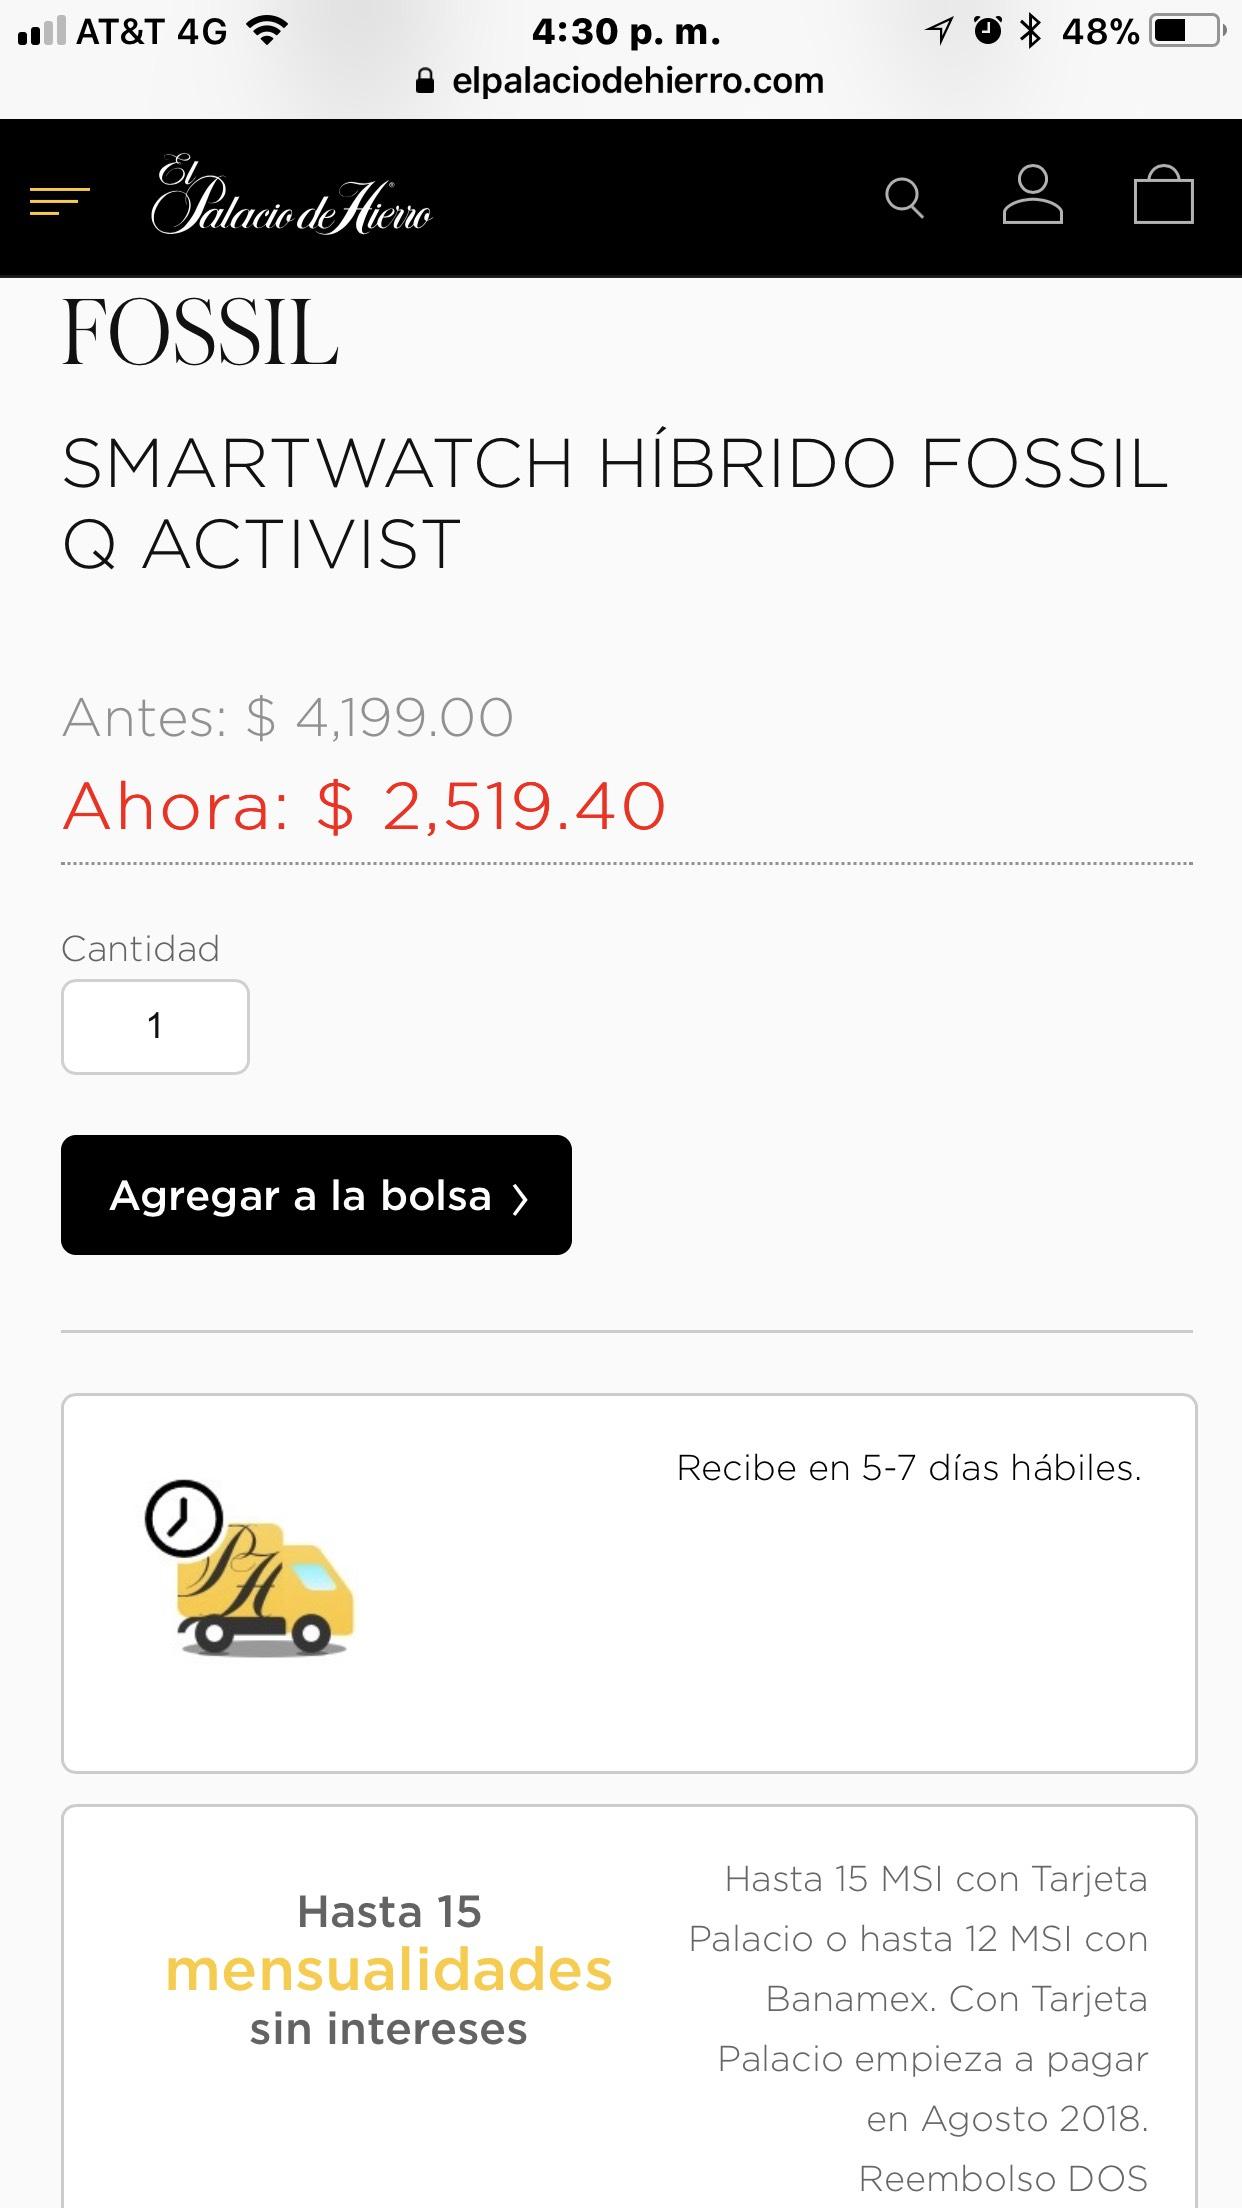 Hot Sale en El Palacio de Hierro: SMARTWATCH HÍBRIDO FOSSIL Q ACTIVIST